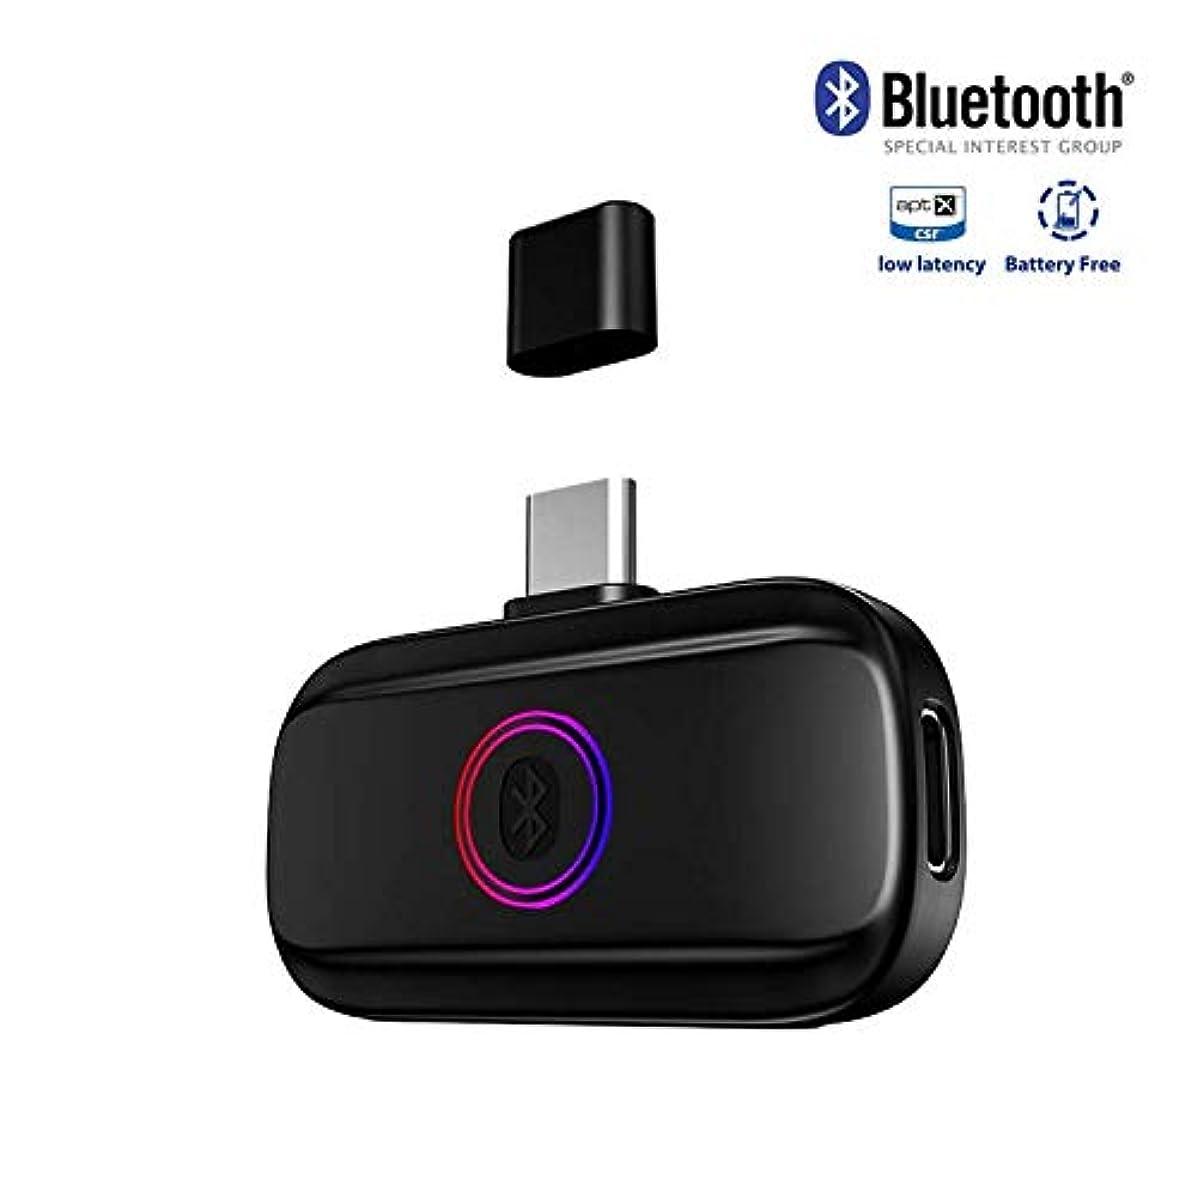 流香ばしい慣らすMidowin Nintendo Switch Bluetooth オーディオアダプター ミニ USB-C ヘッドホンレシーバー トランスミッター Bluetoothレシーバー イヤフォンコンバーター ブルートゥースイヤホーン